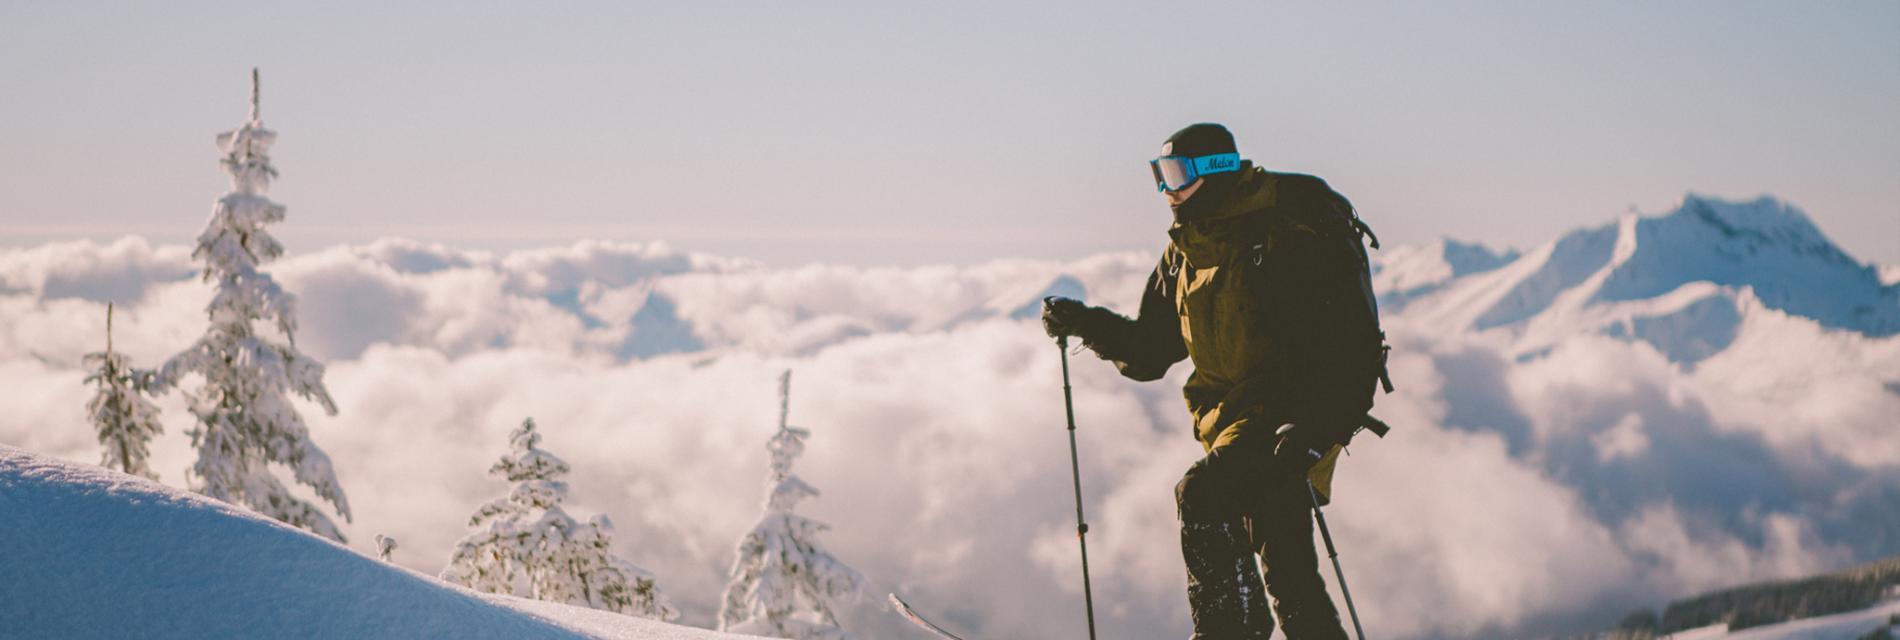 Slide le ski de randonnée